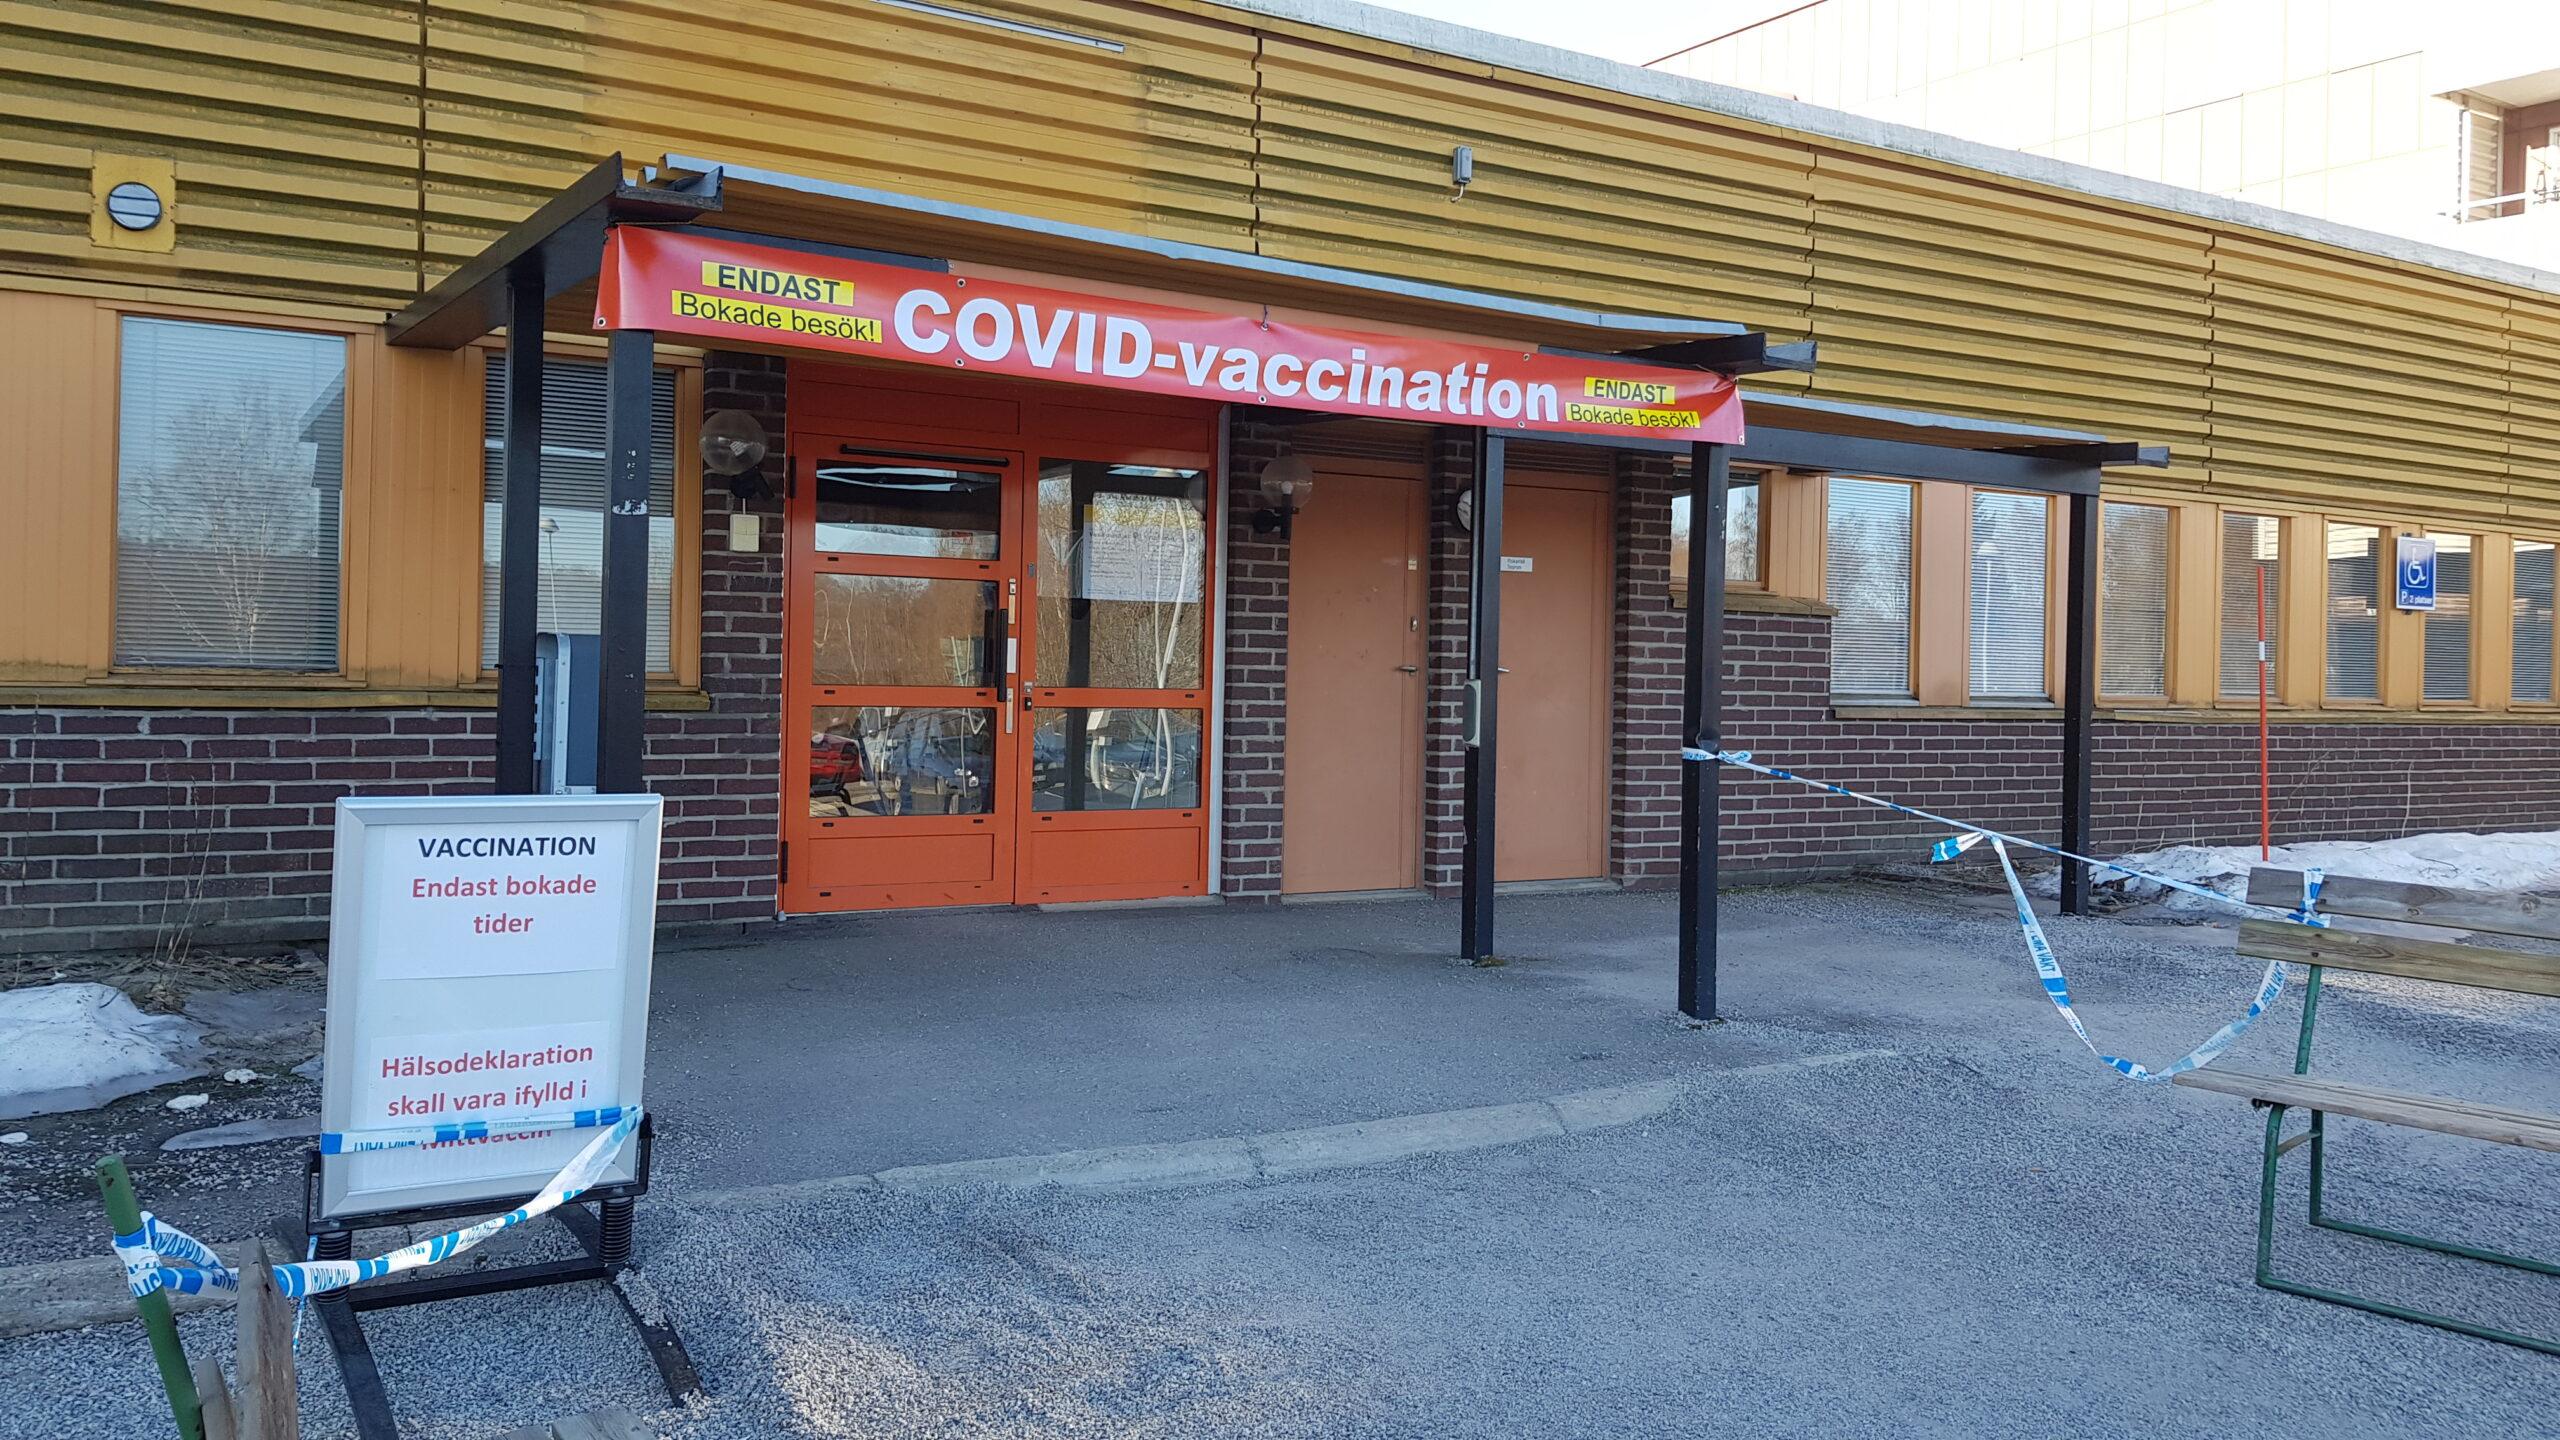 Utanför entrén till en vaccinationscentral i Nacksta, Sundsvall. Avspärrningar, tydliga förmaningar att hålla avstånd och endast vaccination för bokade besök